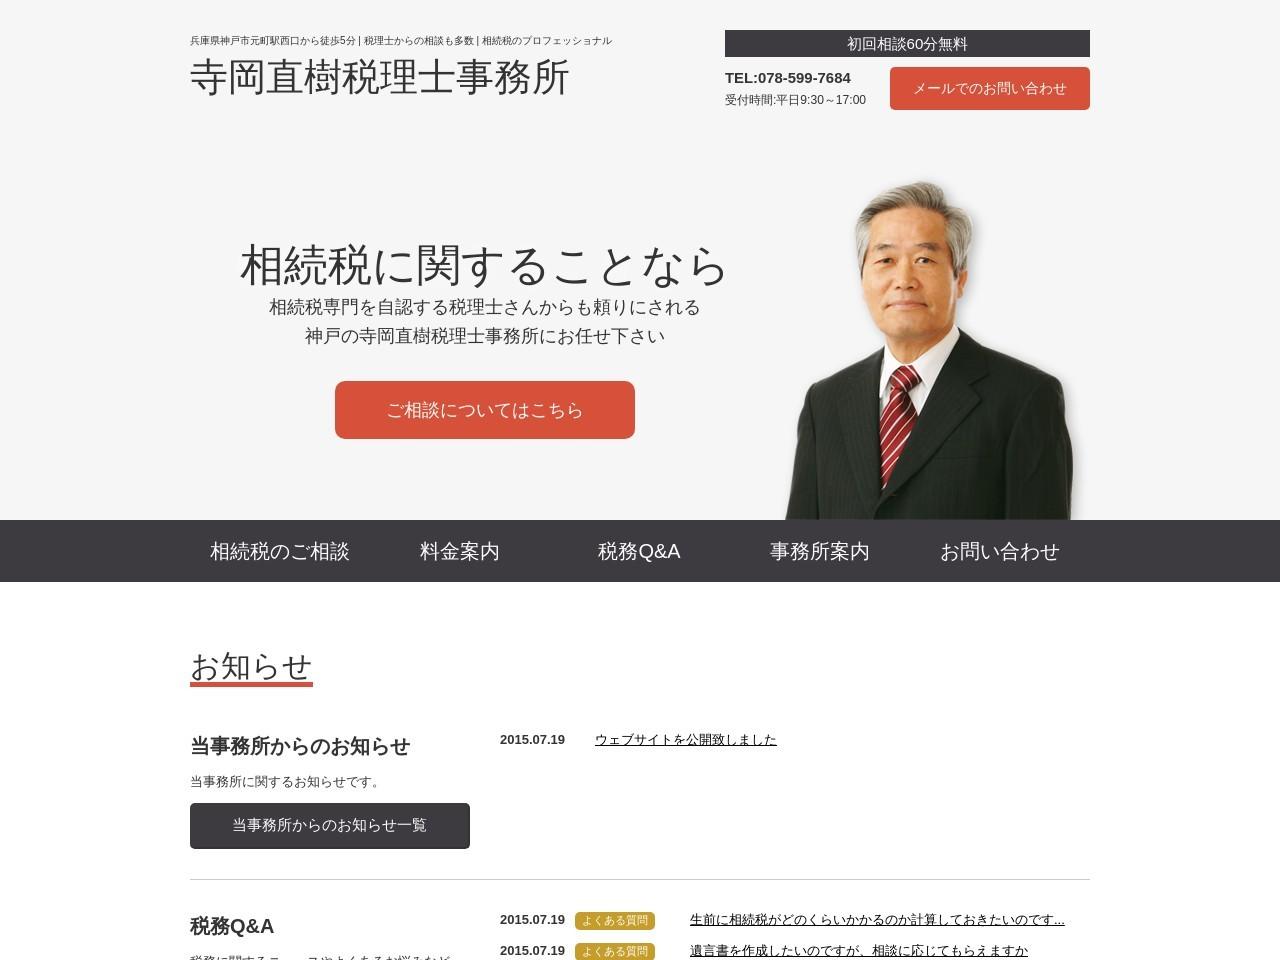 寺岡直樹税理士事務所